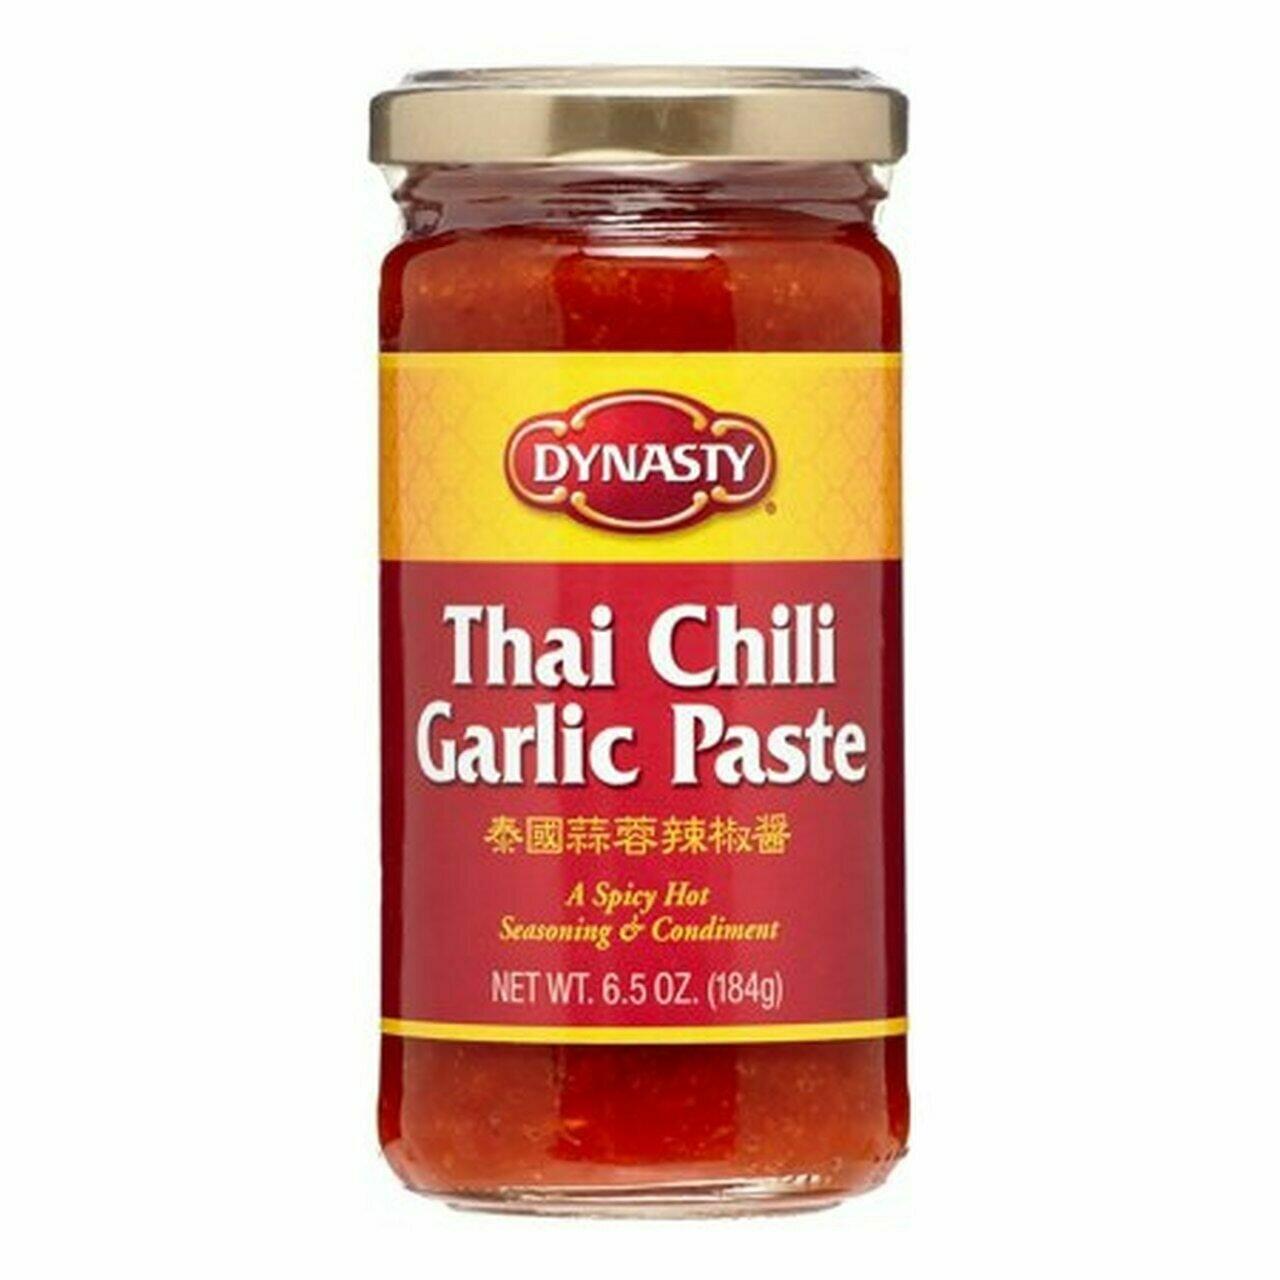 Dynasty Thai Chili Garlic Paste (6.5 Oz)